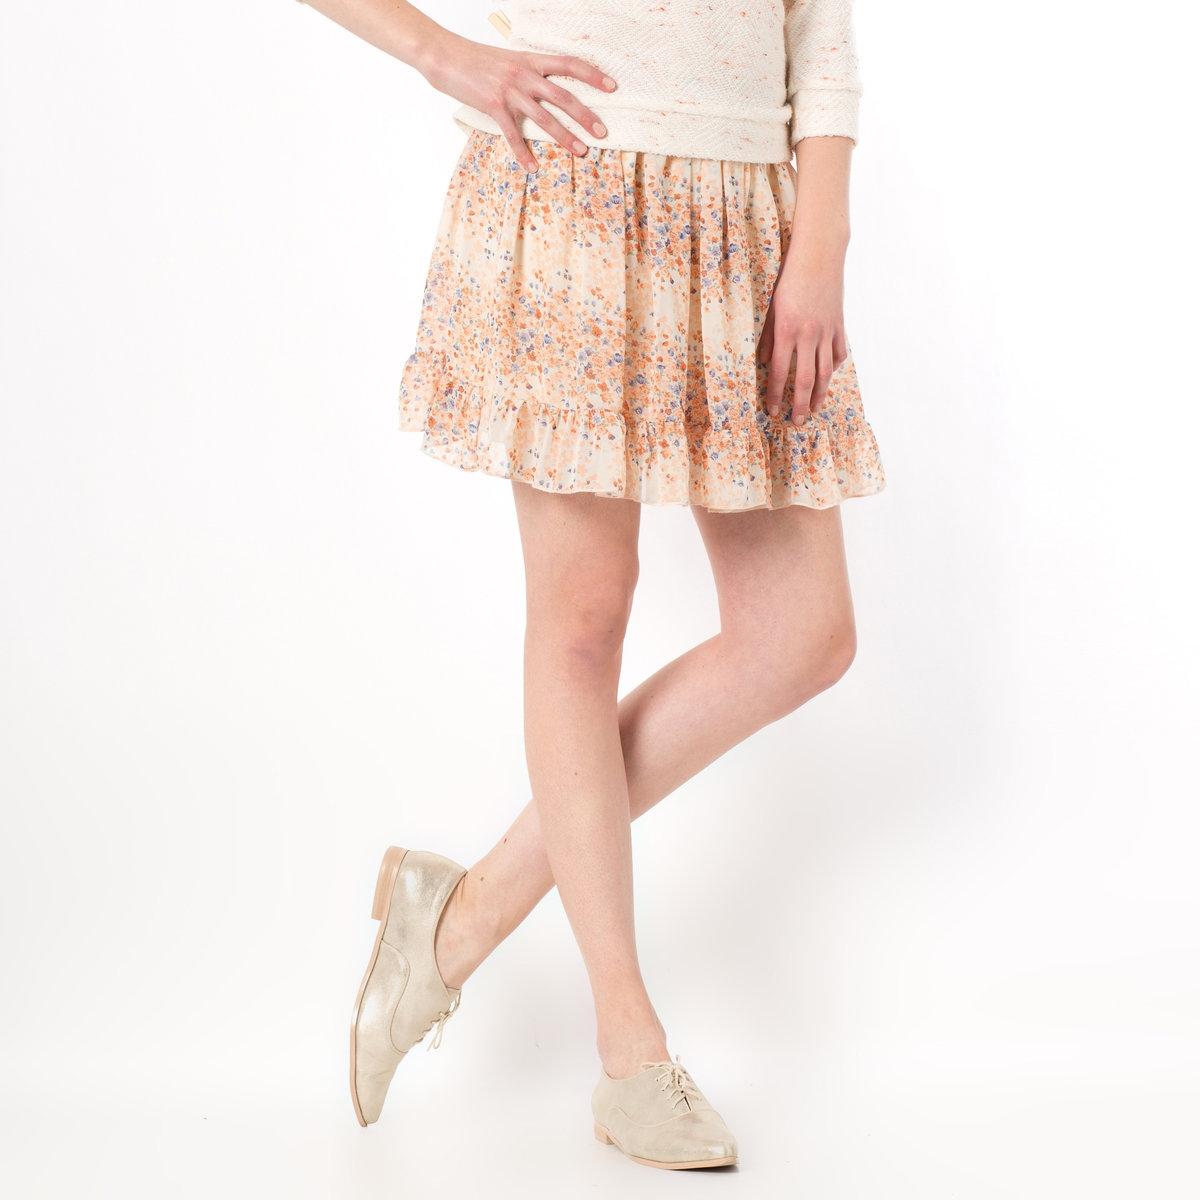 Юбка с цветочным рисунком и воланом, 25% шелкаЮбка MOLLY BRACKEN. Очаровательная юбка с цветочным рисунком четырех главных цветов сезона. Настоящее удовольствие носить эту легкую, летнюю модель!Расклешенная юбка с 1 воланом по низу. На подкладке. Юбка из 75% полиэстера, 25% шелка. Подкладка из полиэстера.<br><br>Цвет: рисунок/экрю<br>Размер: единый размер